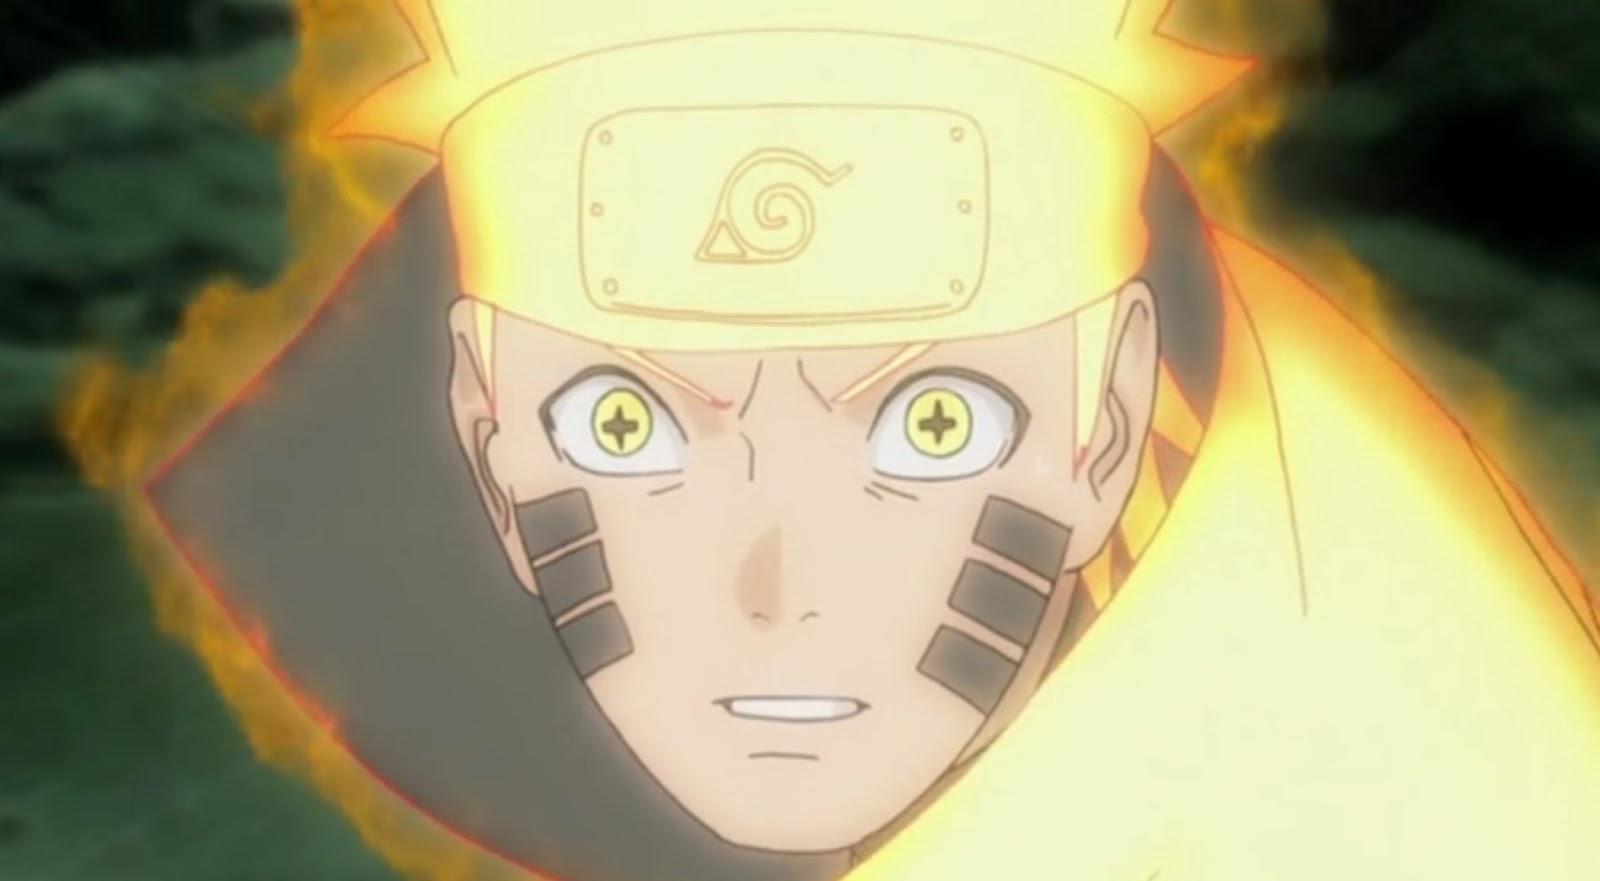 Naruto Shippuden Episódio 451, Assistir Naruto Shippuden Episódio 451, Assistir Naruto Shippuden Todos os Episódios Legendado, Naruto Shippuden episódio 451,HD